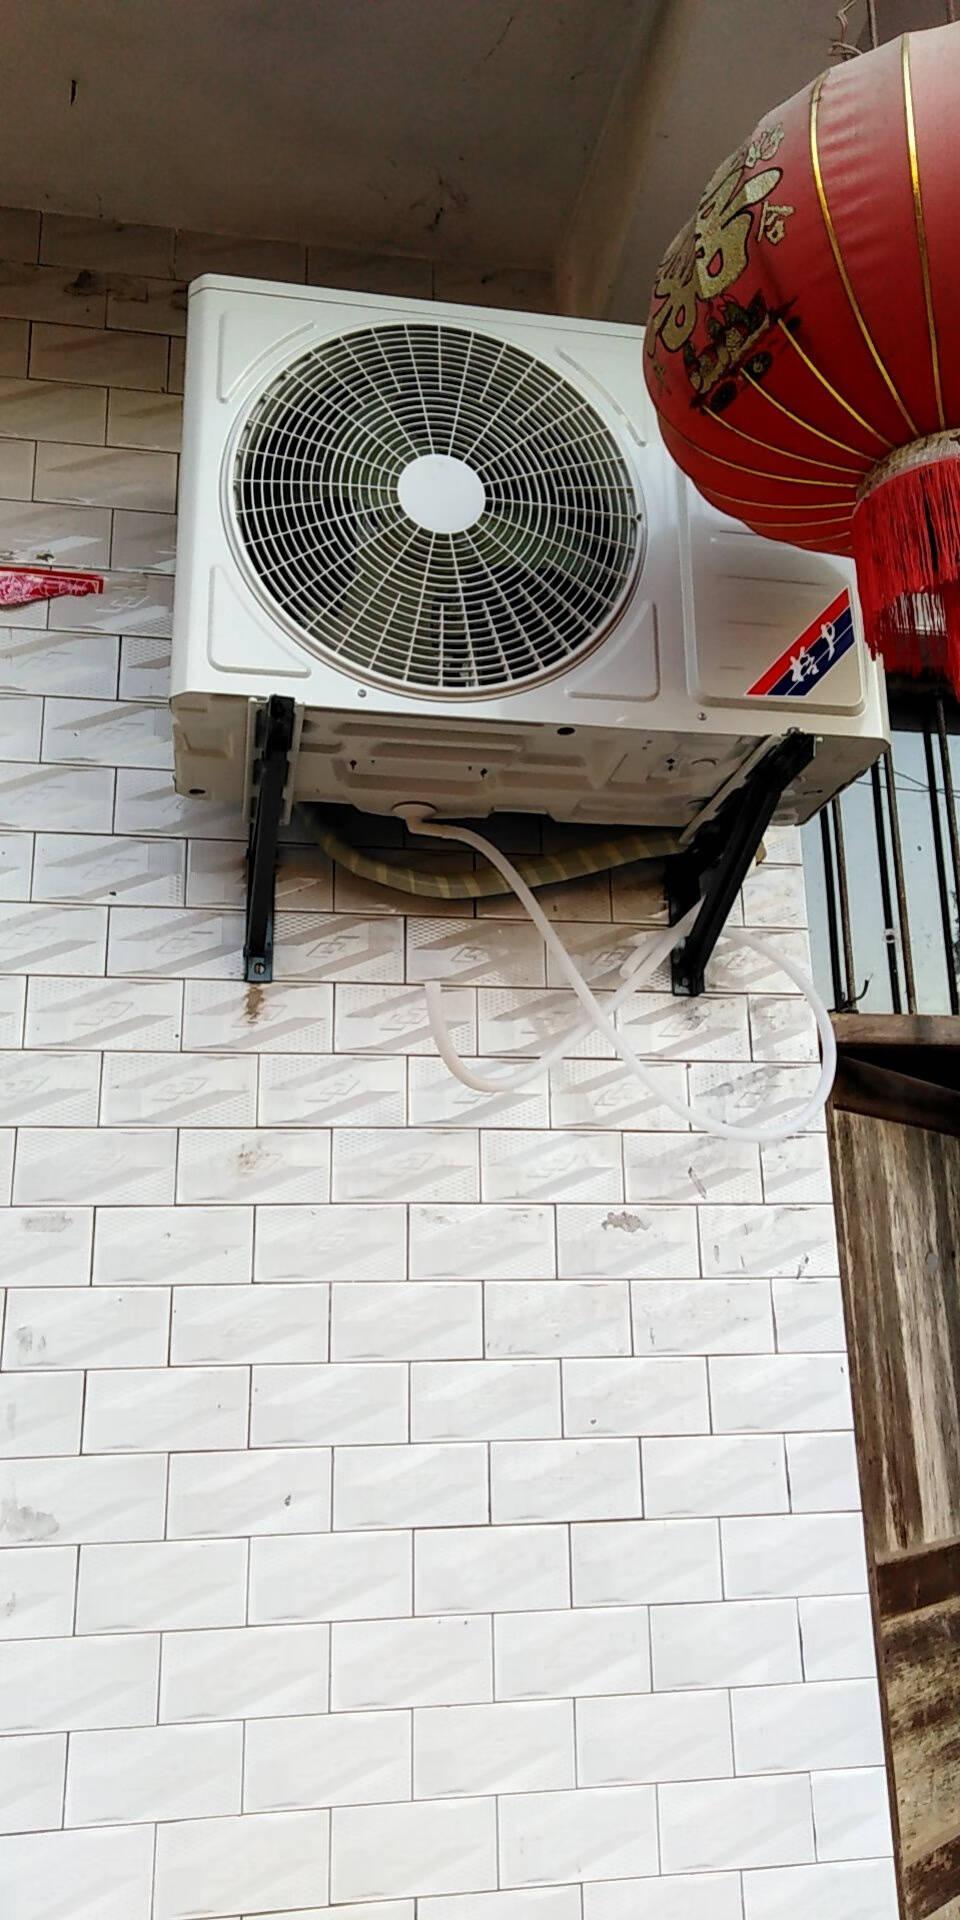 格力(GREE)1.5匹京逸Ⅱ新能效变频自清洁快速冷暖壁挂式卧室空调挂机(KFR-35GW/NhBb3Bj)以旧换新